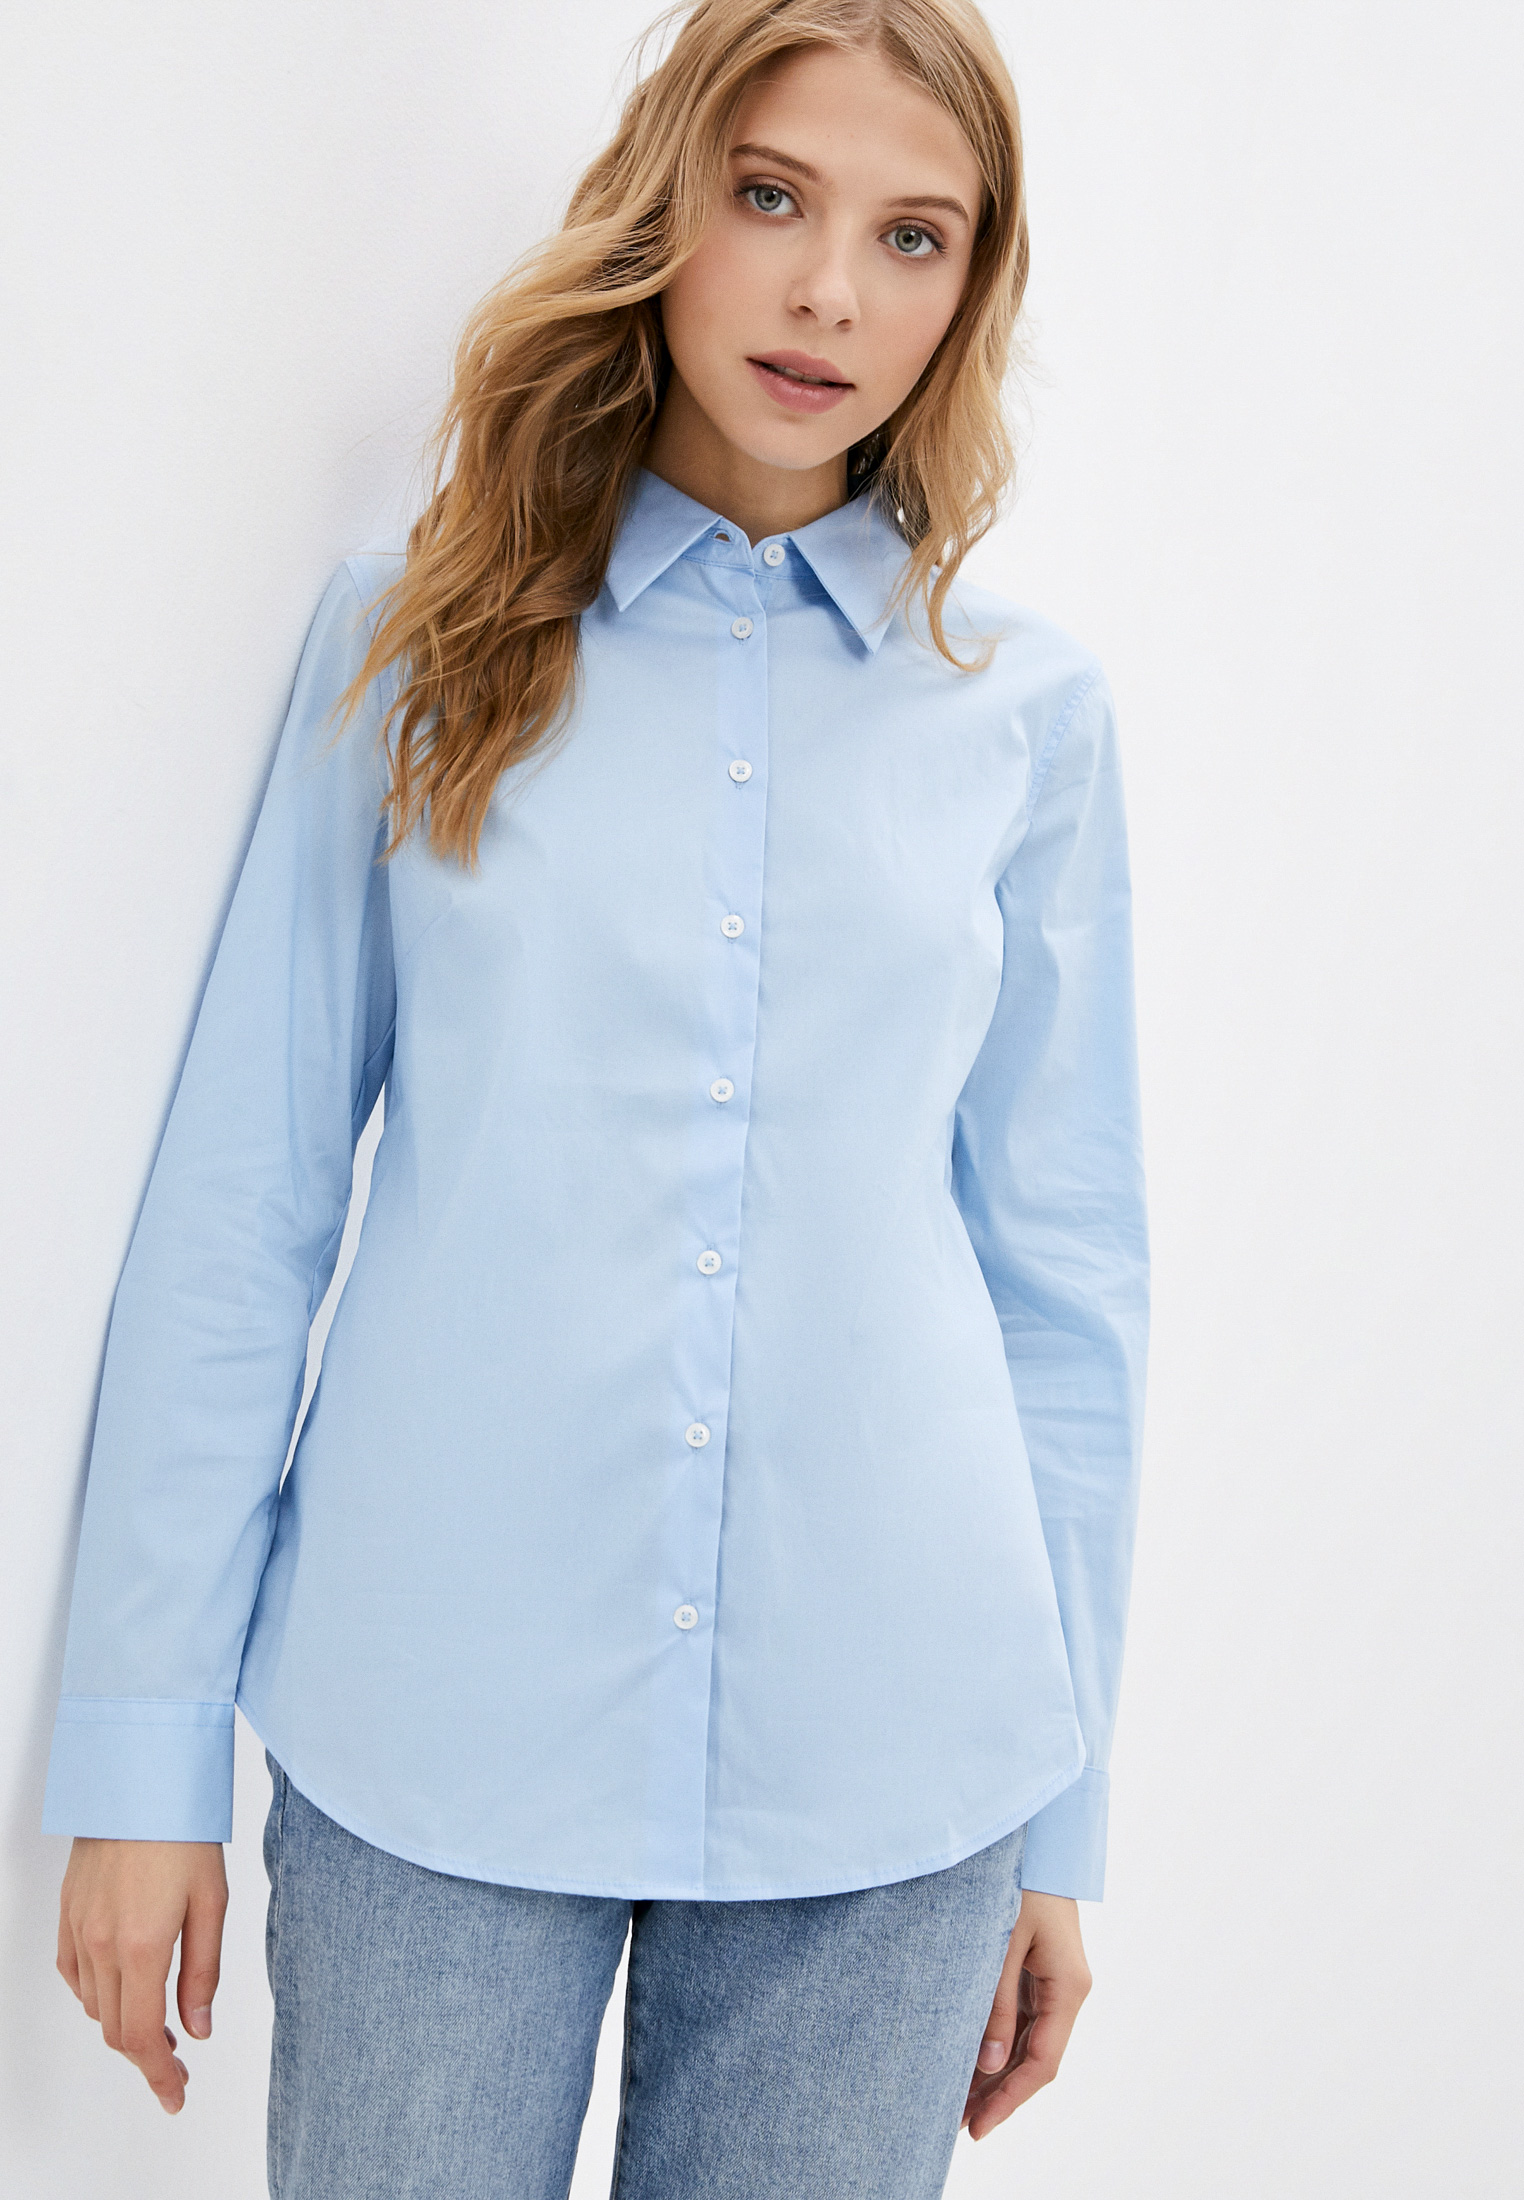 Женские рубашки с длинным рукавом United Colors of Benetton (Юнайтед Колорс оф Бенеттон) Рубашка United Colors of Benetton